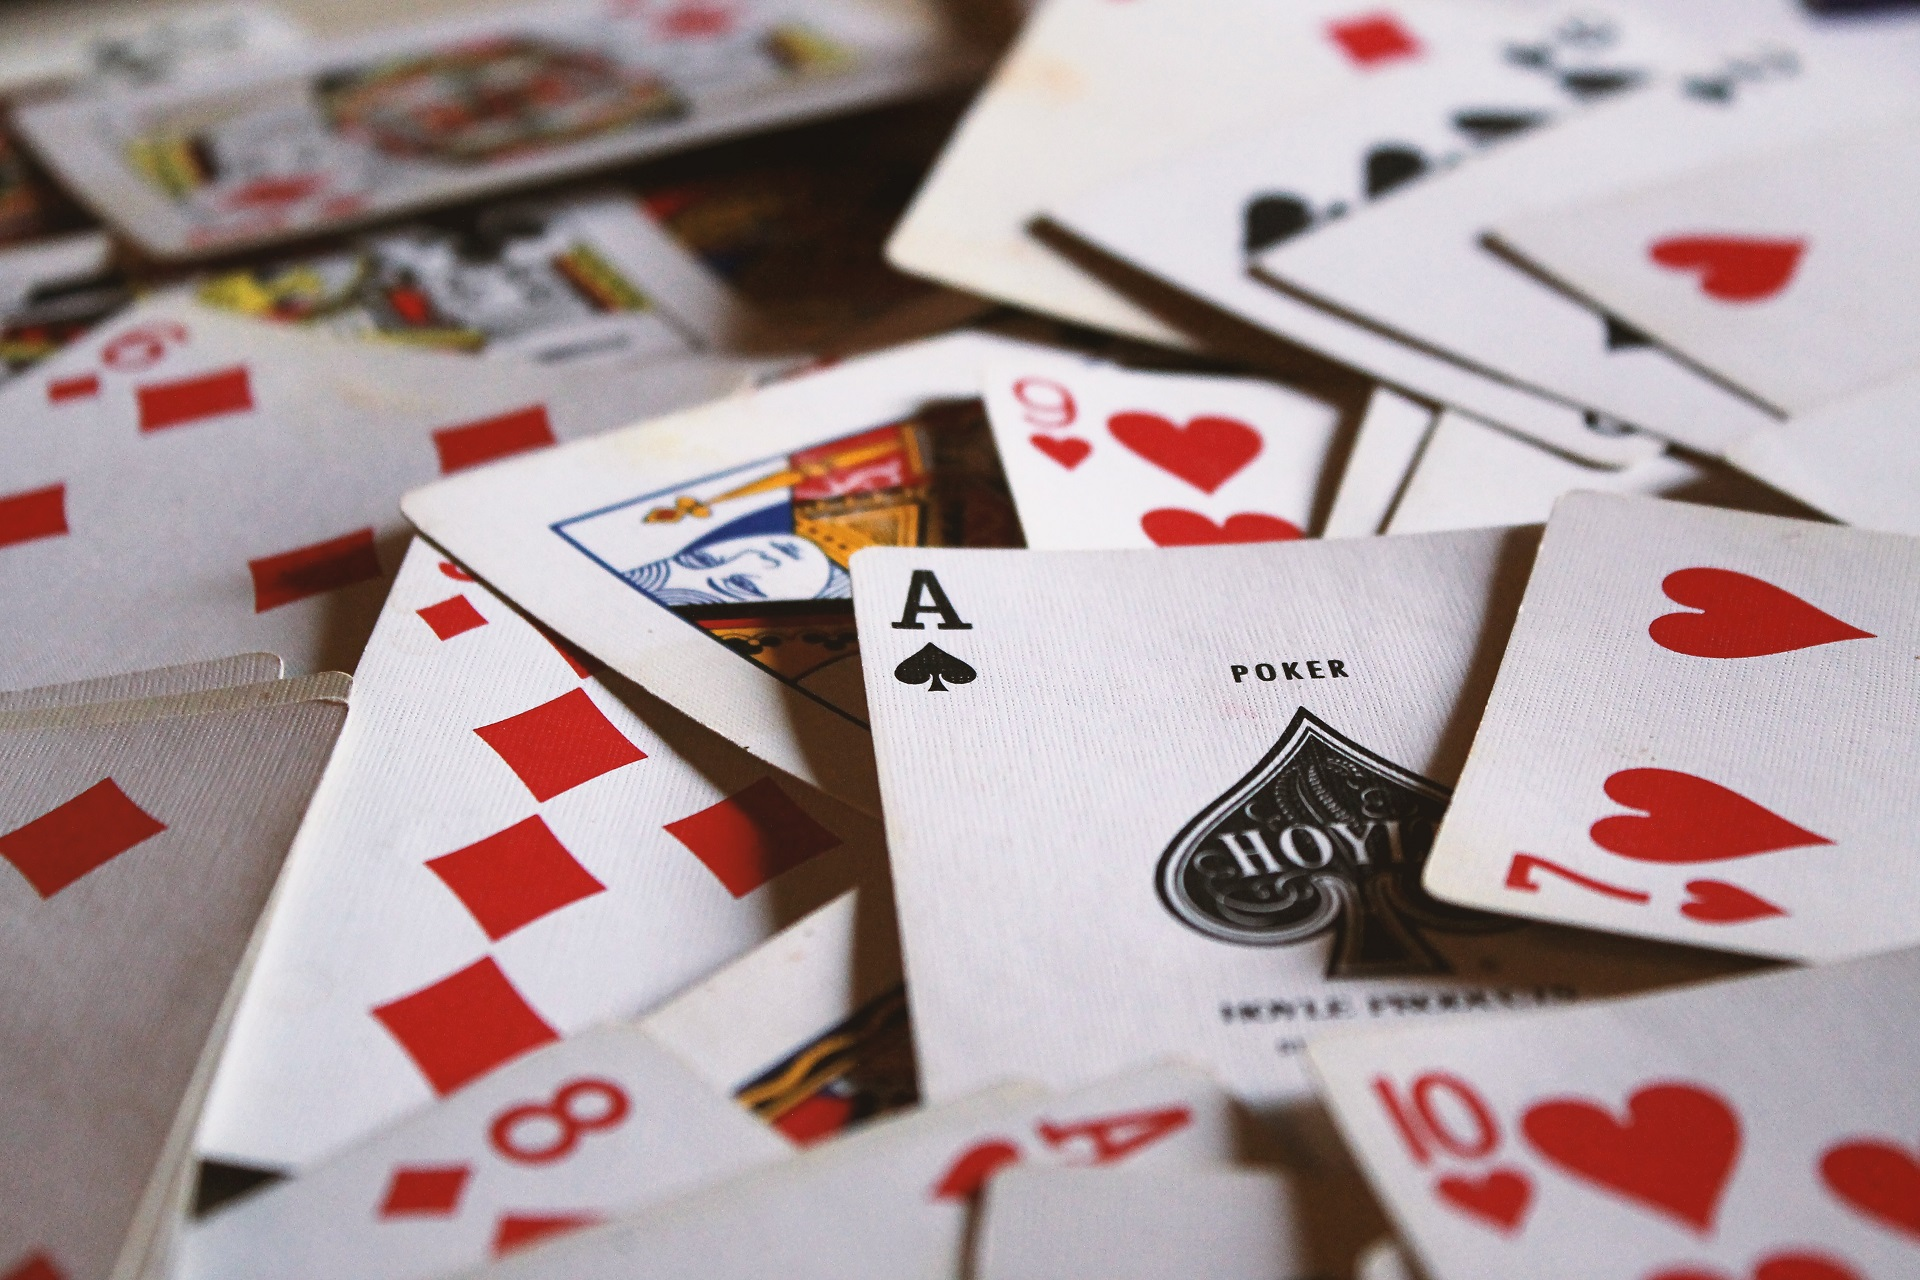 オンラインカジノでプレイするトップゲーム